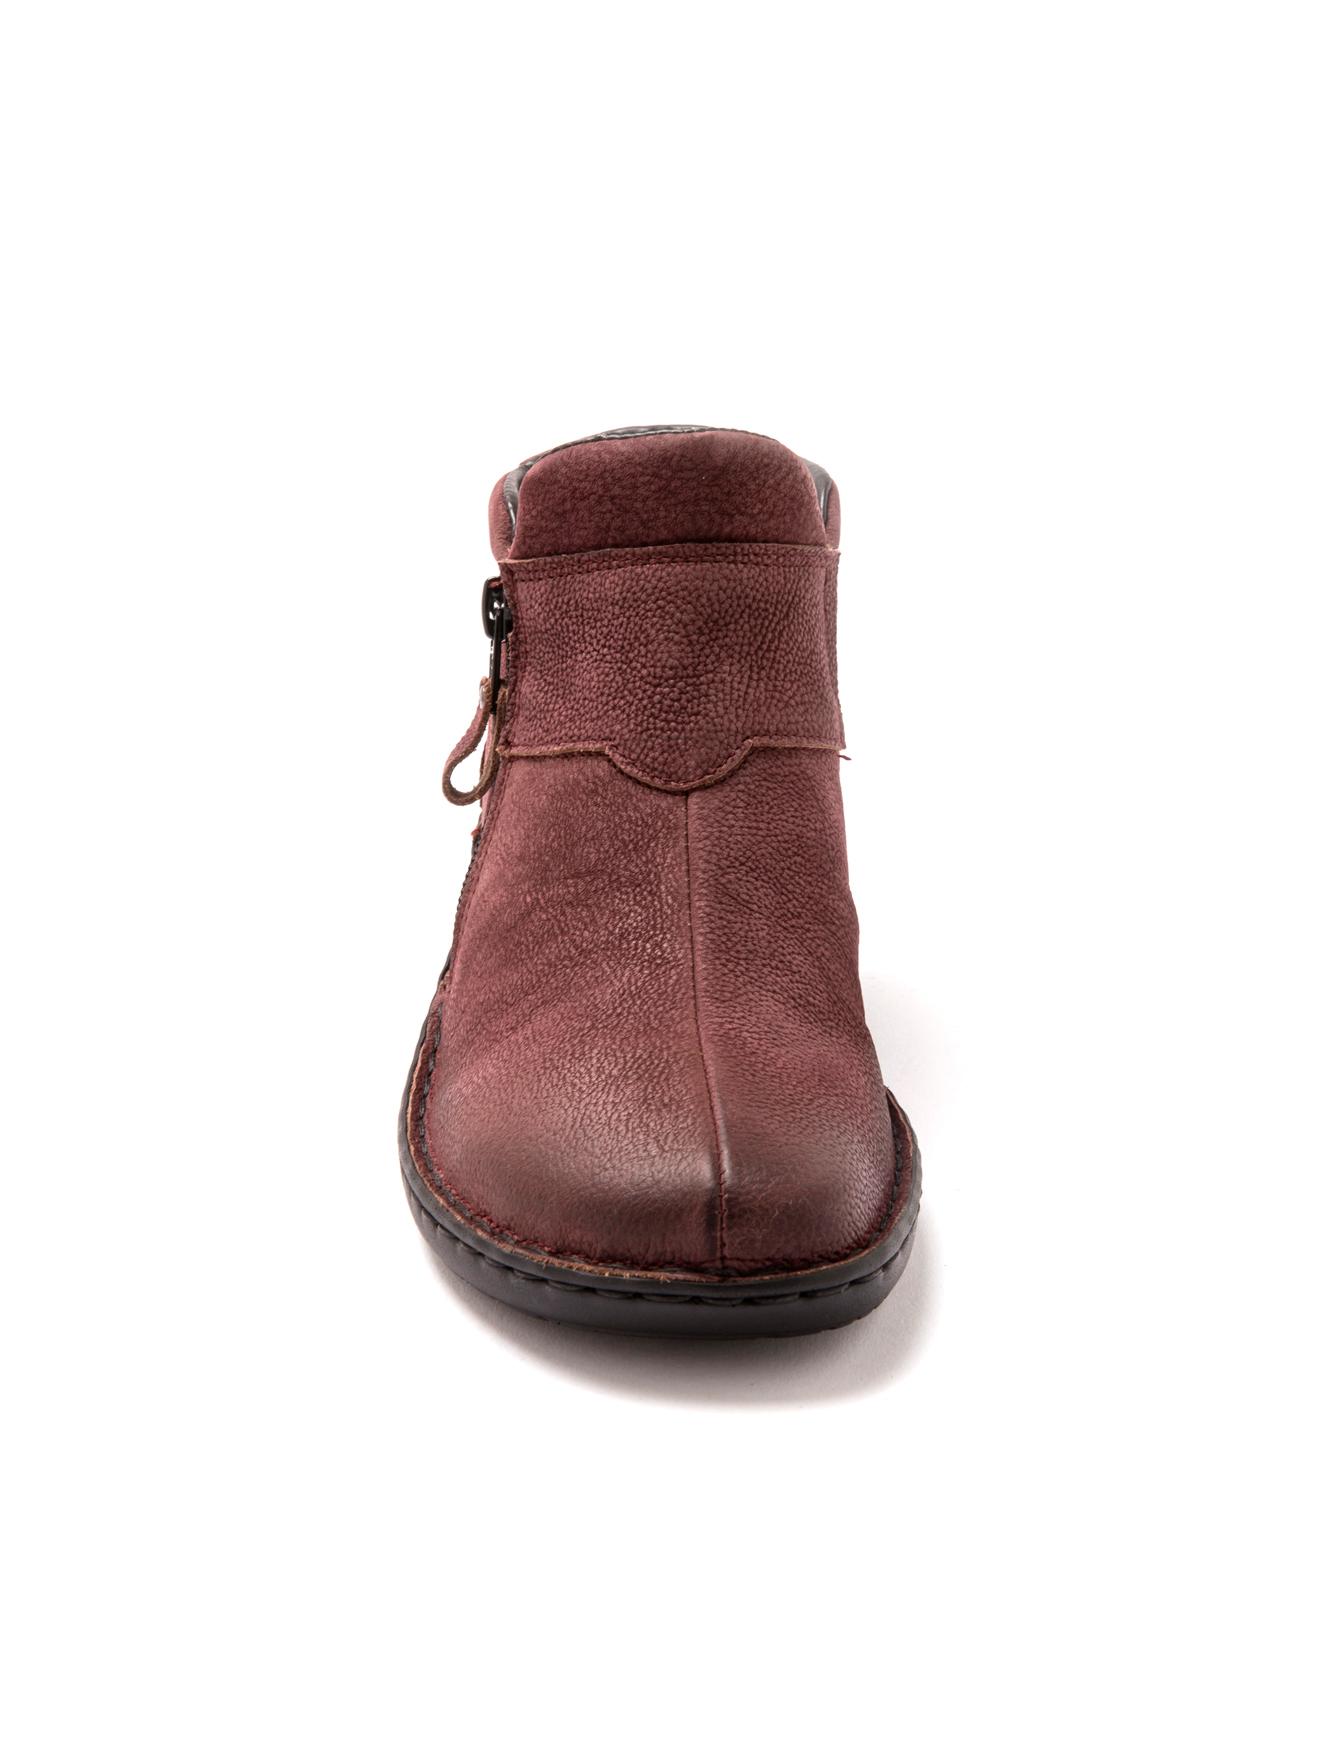 fae5b89c801650 Boots ultra légères, à semelle amovible - Balsamik